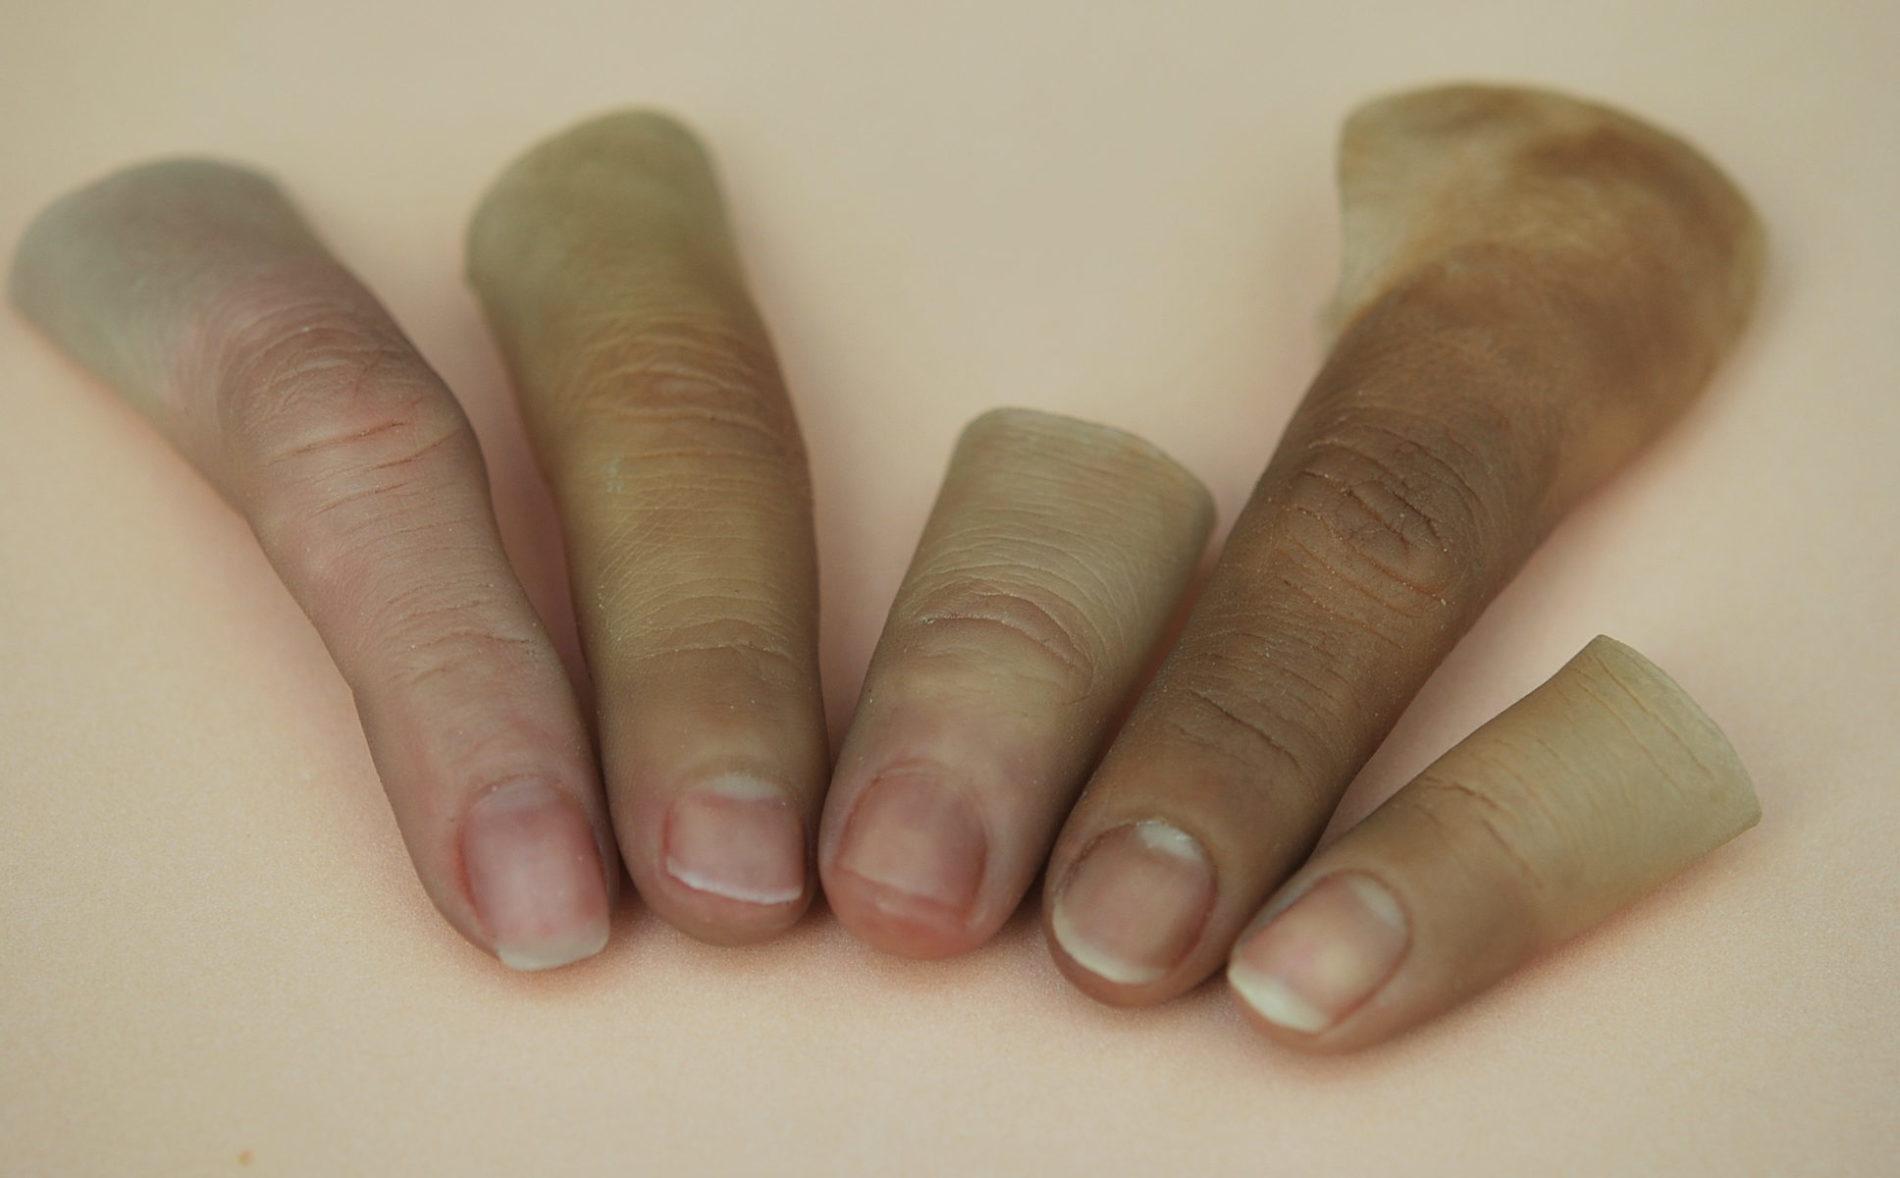 Prótesis restauración artificial de dedos amputados * MG